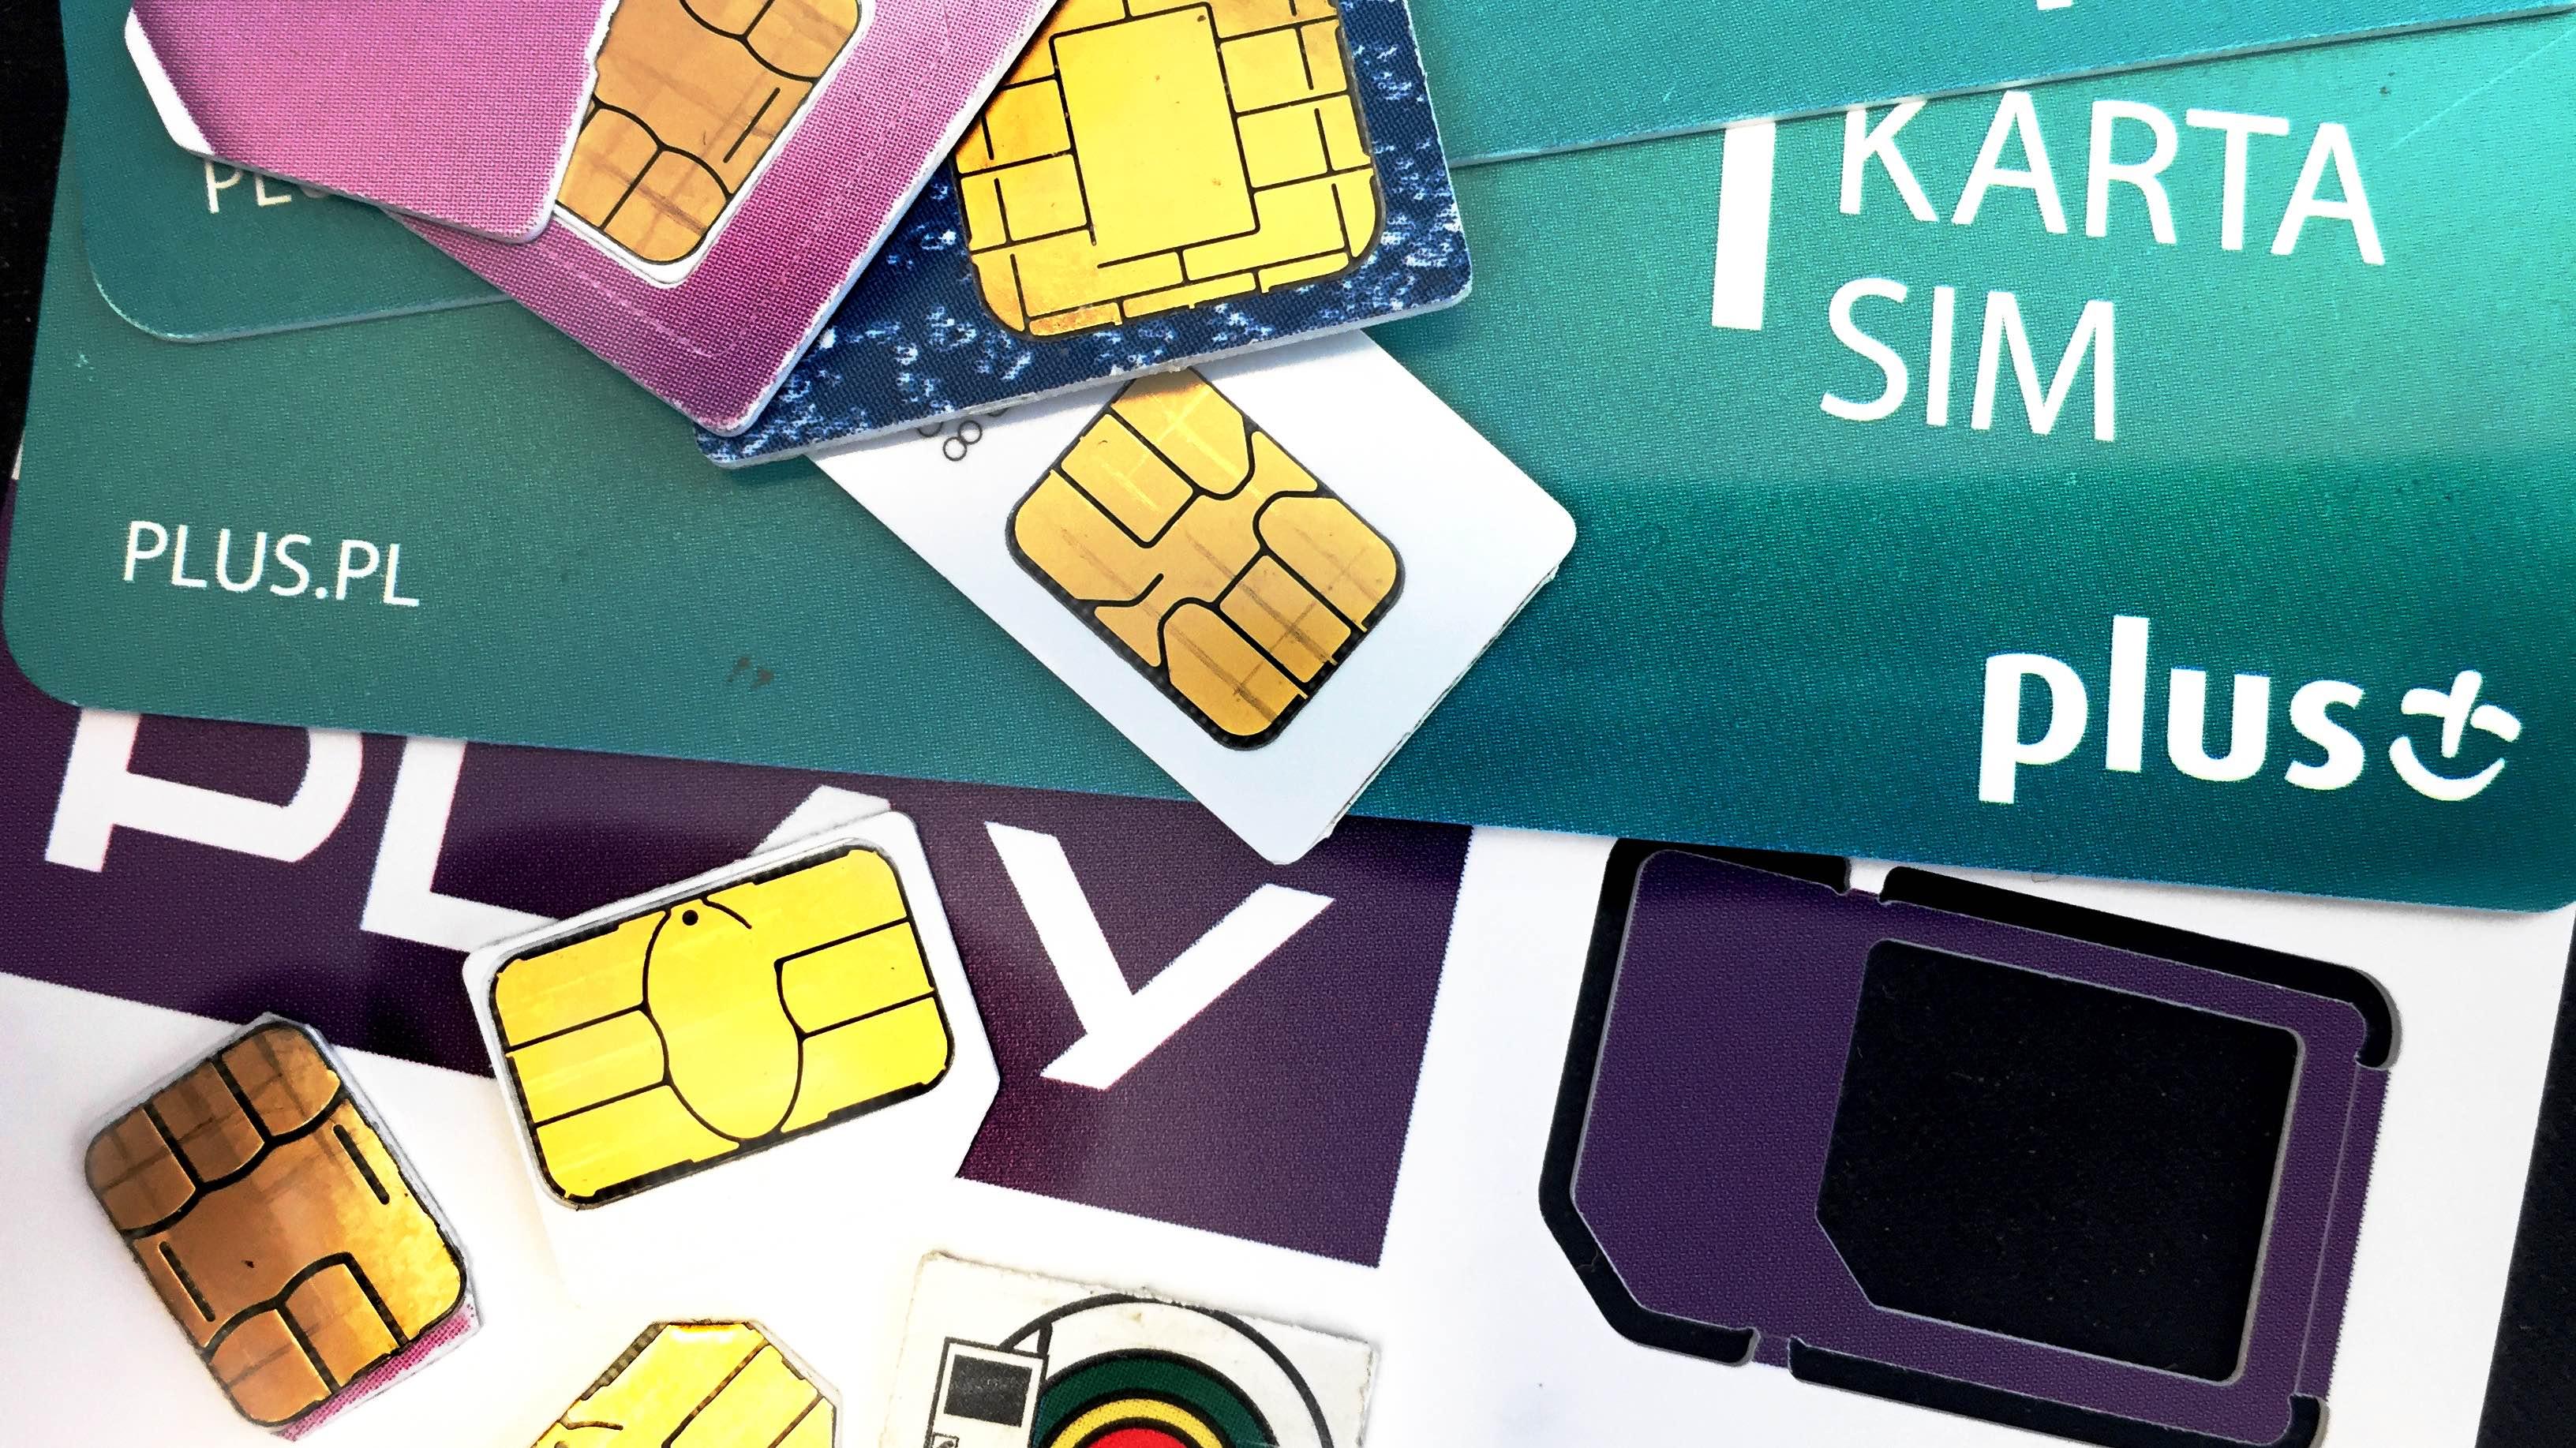 SIM - niszczenie kart SIM